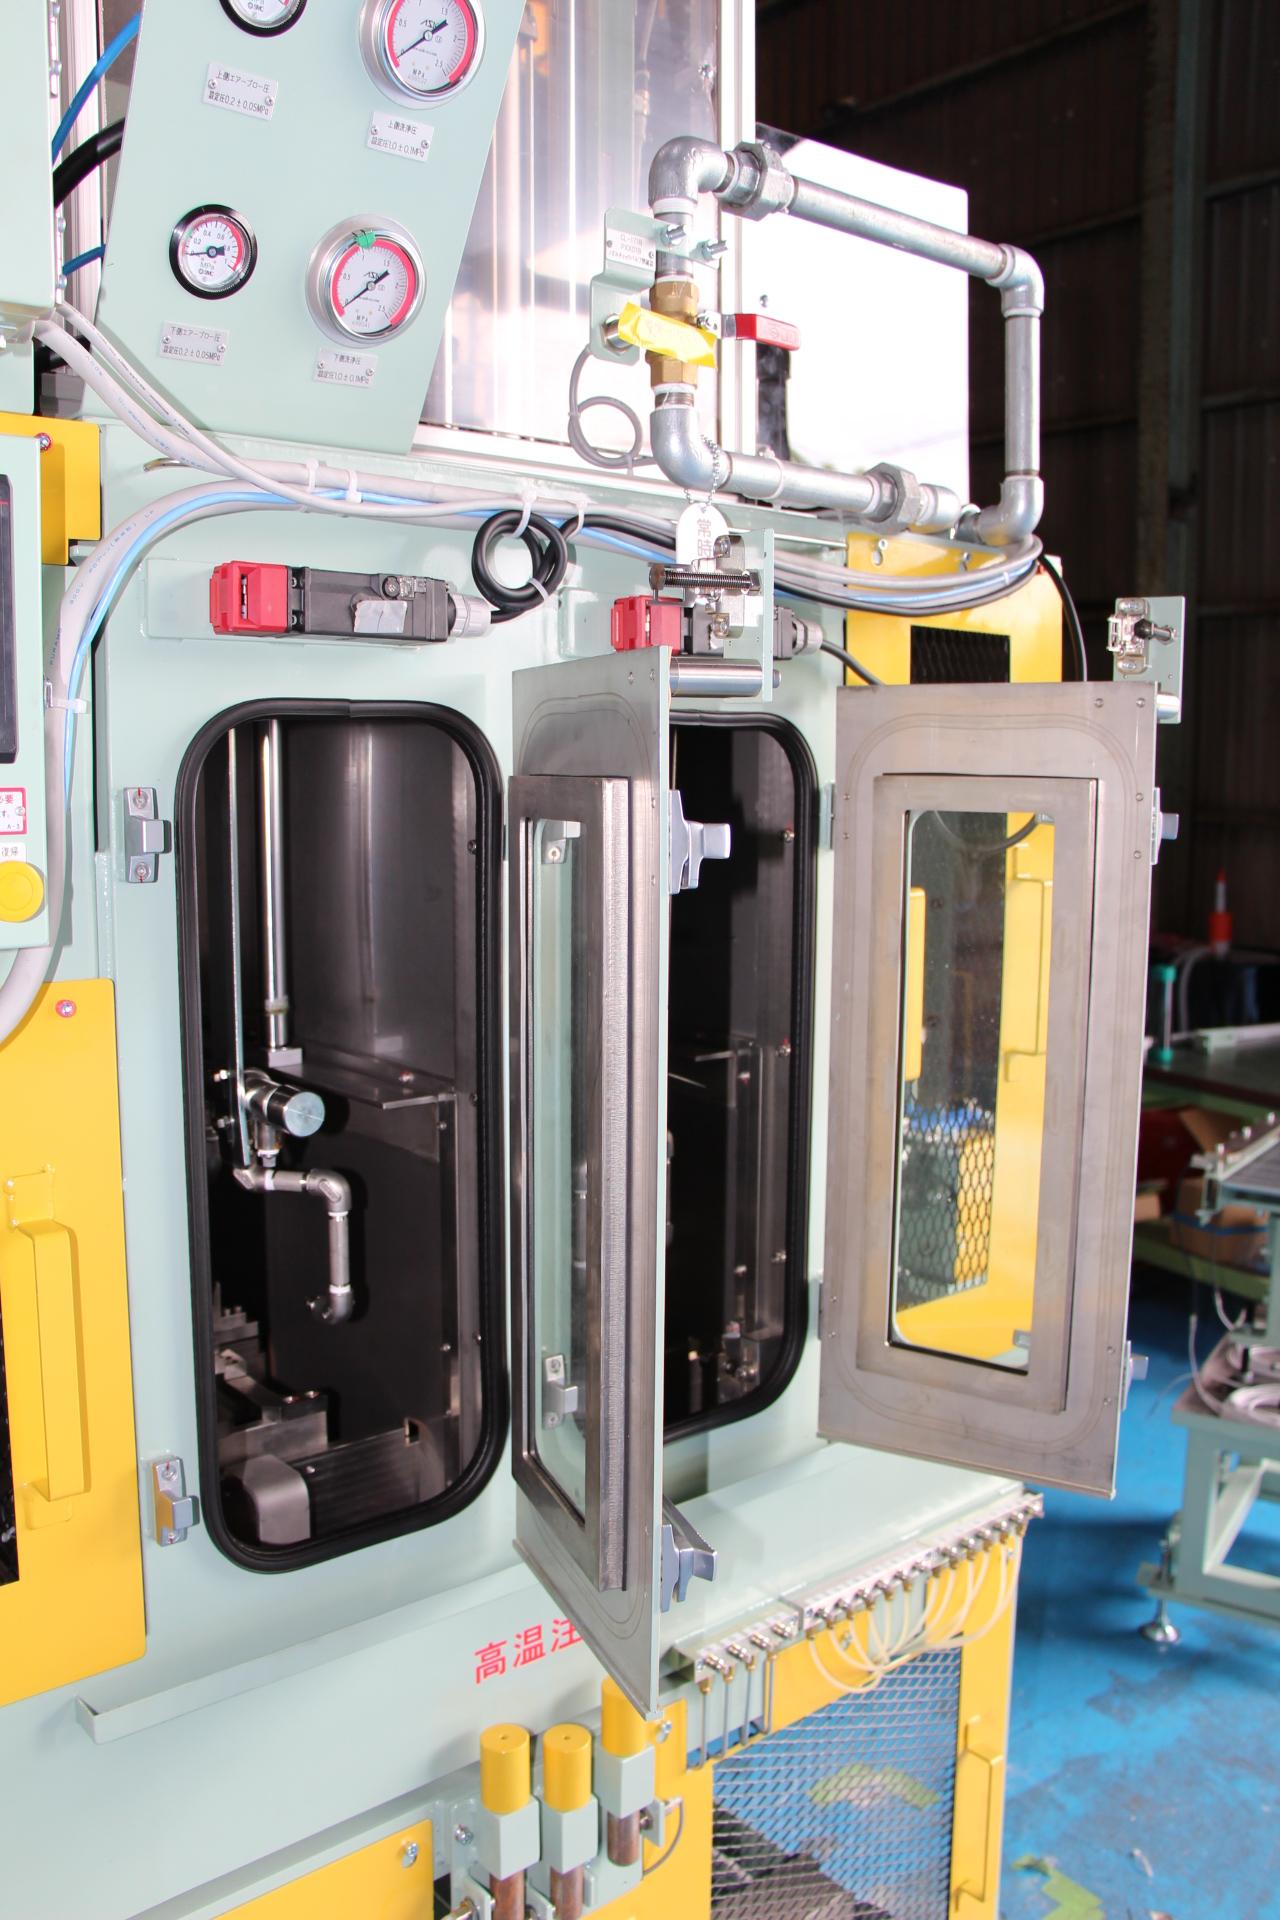 トランスファー式洗浄機(4)